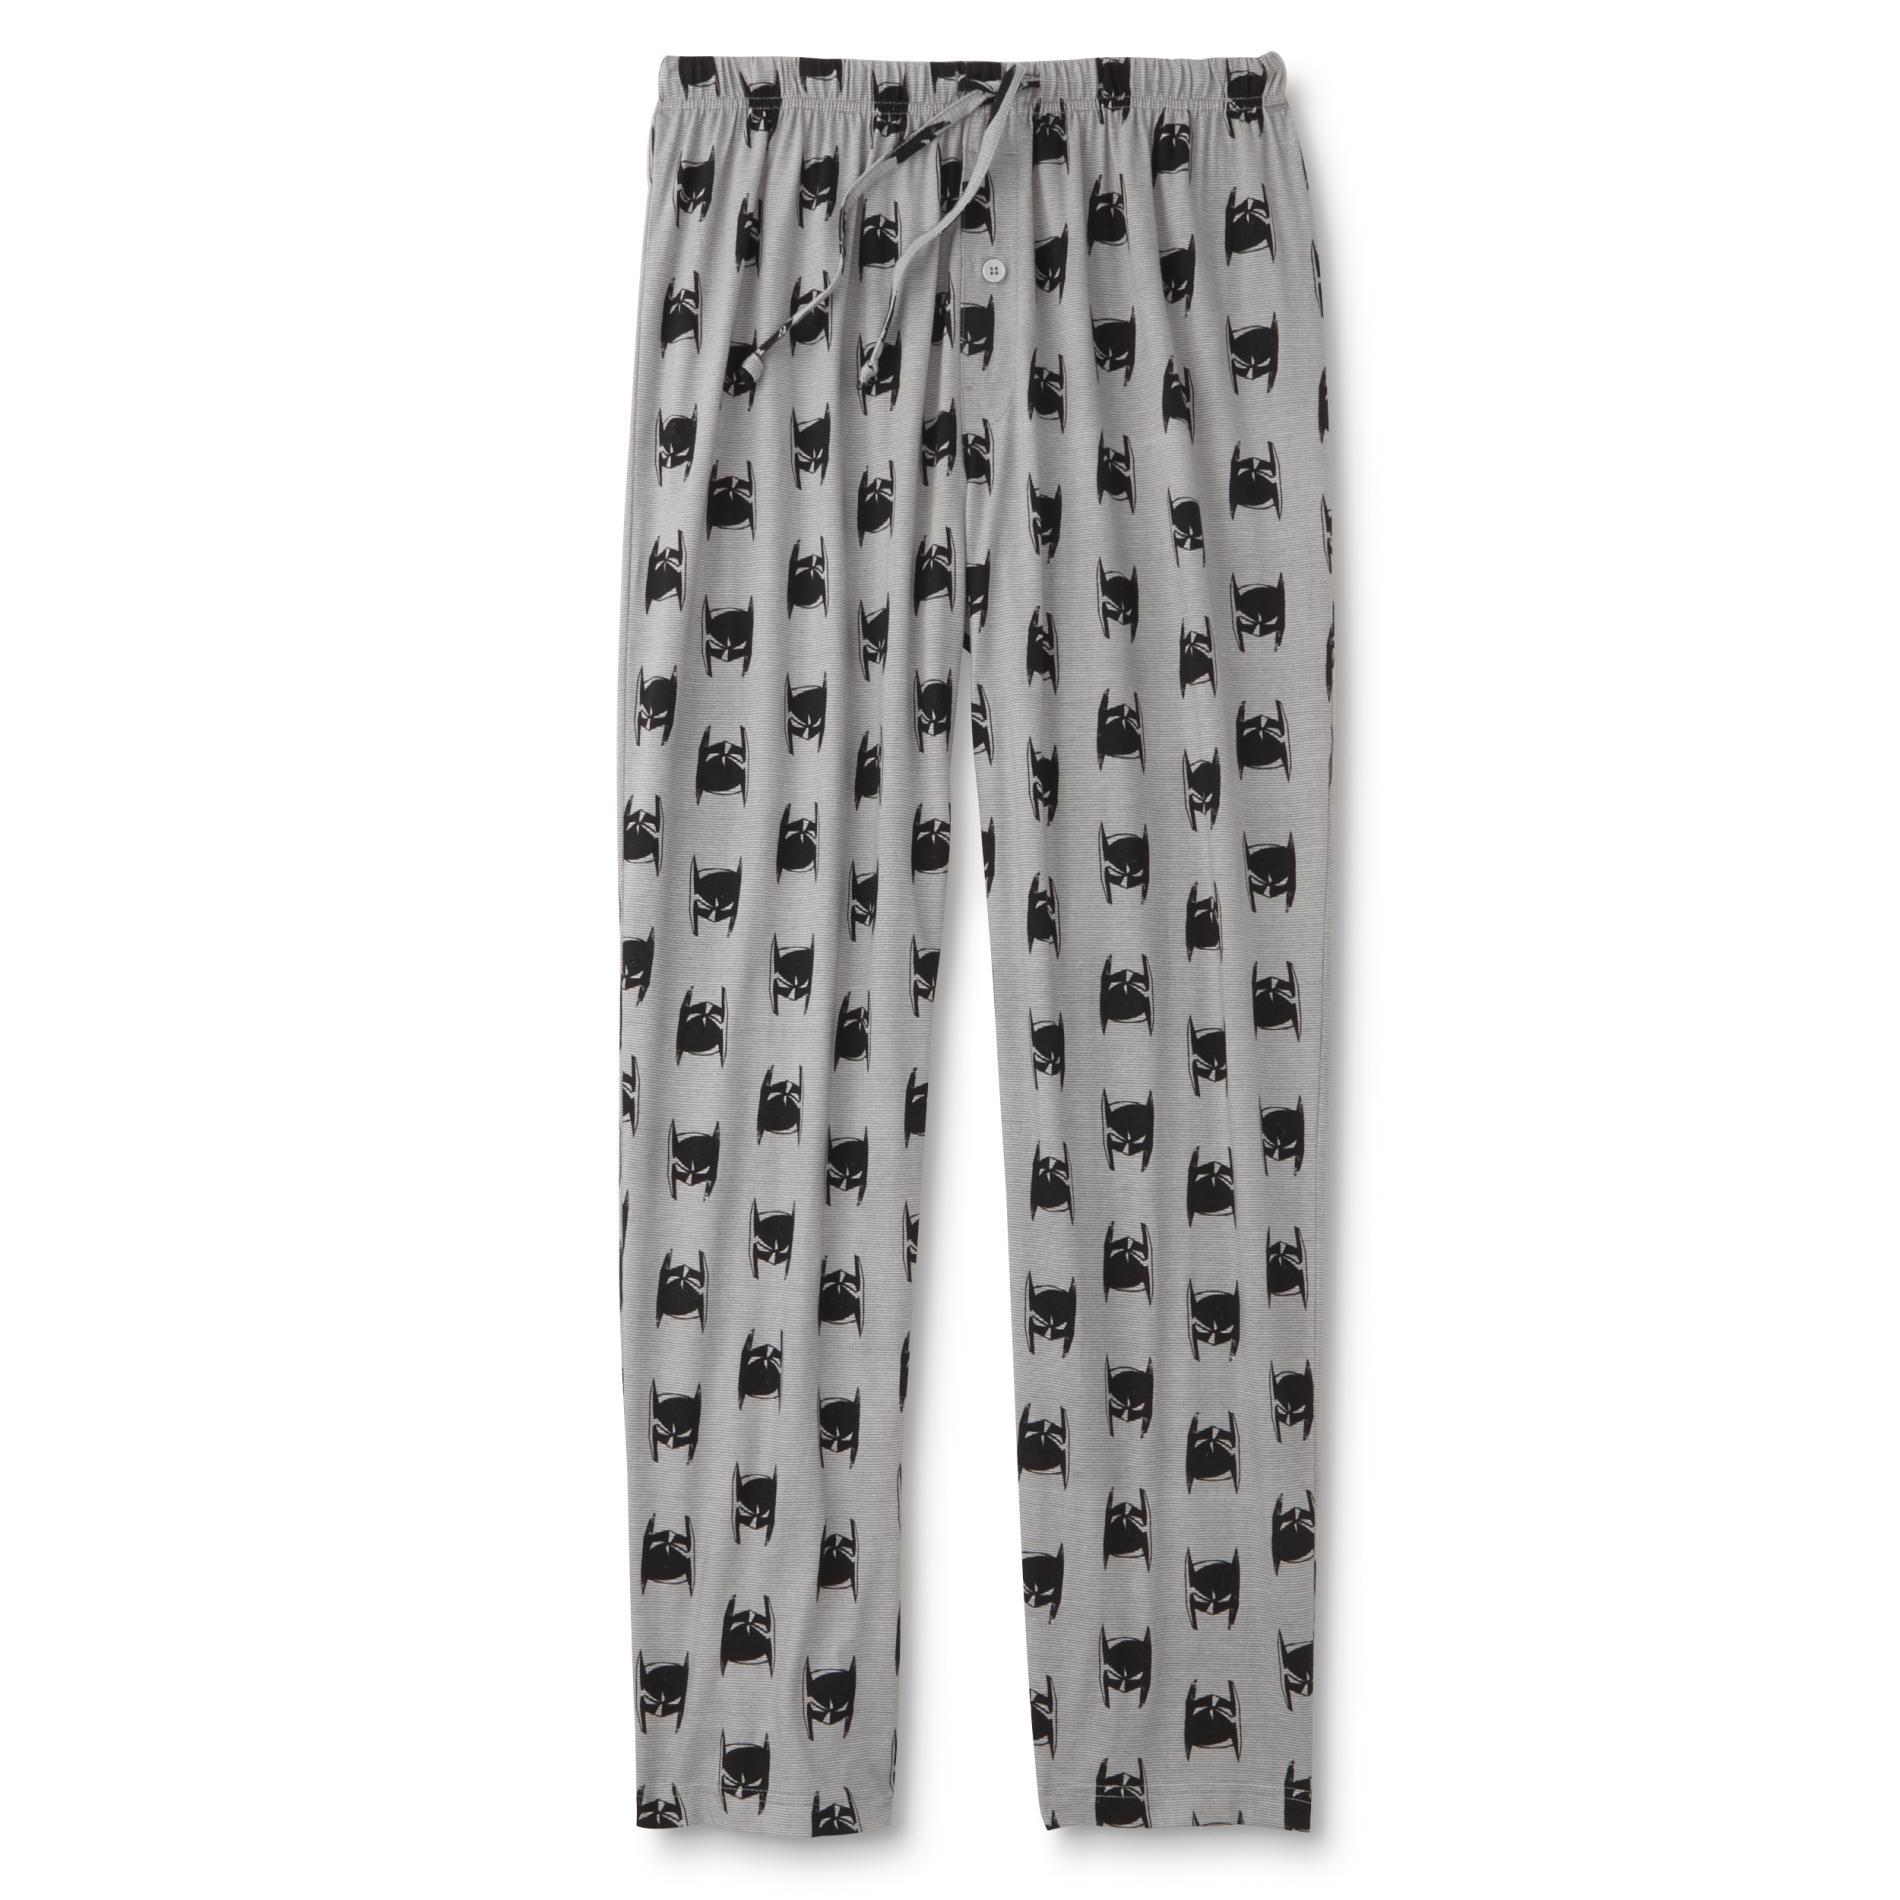 Men's Pajama Pants - Cowl